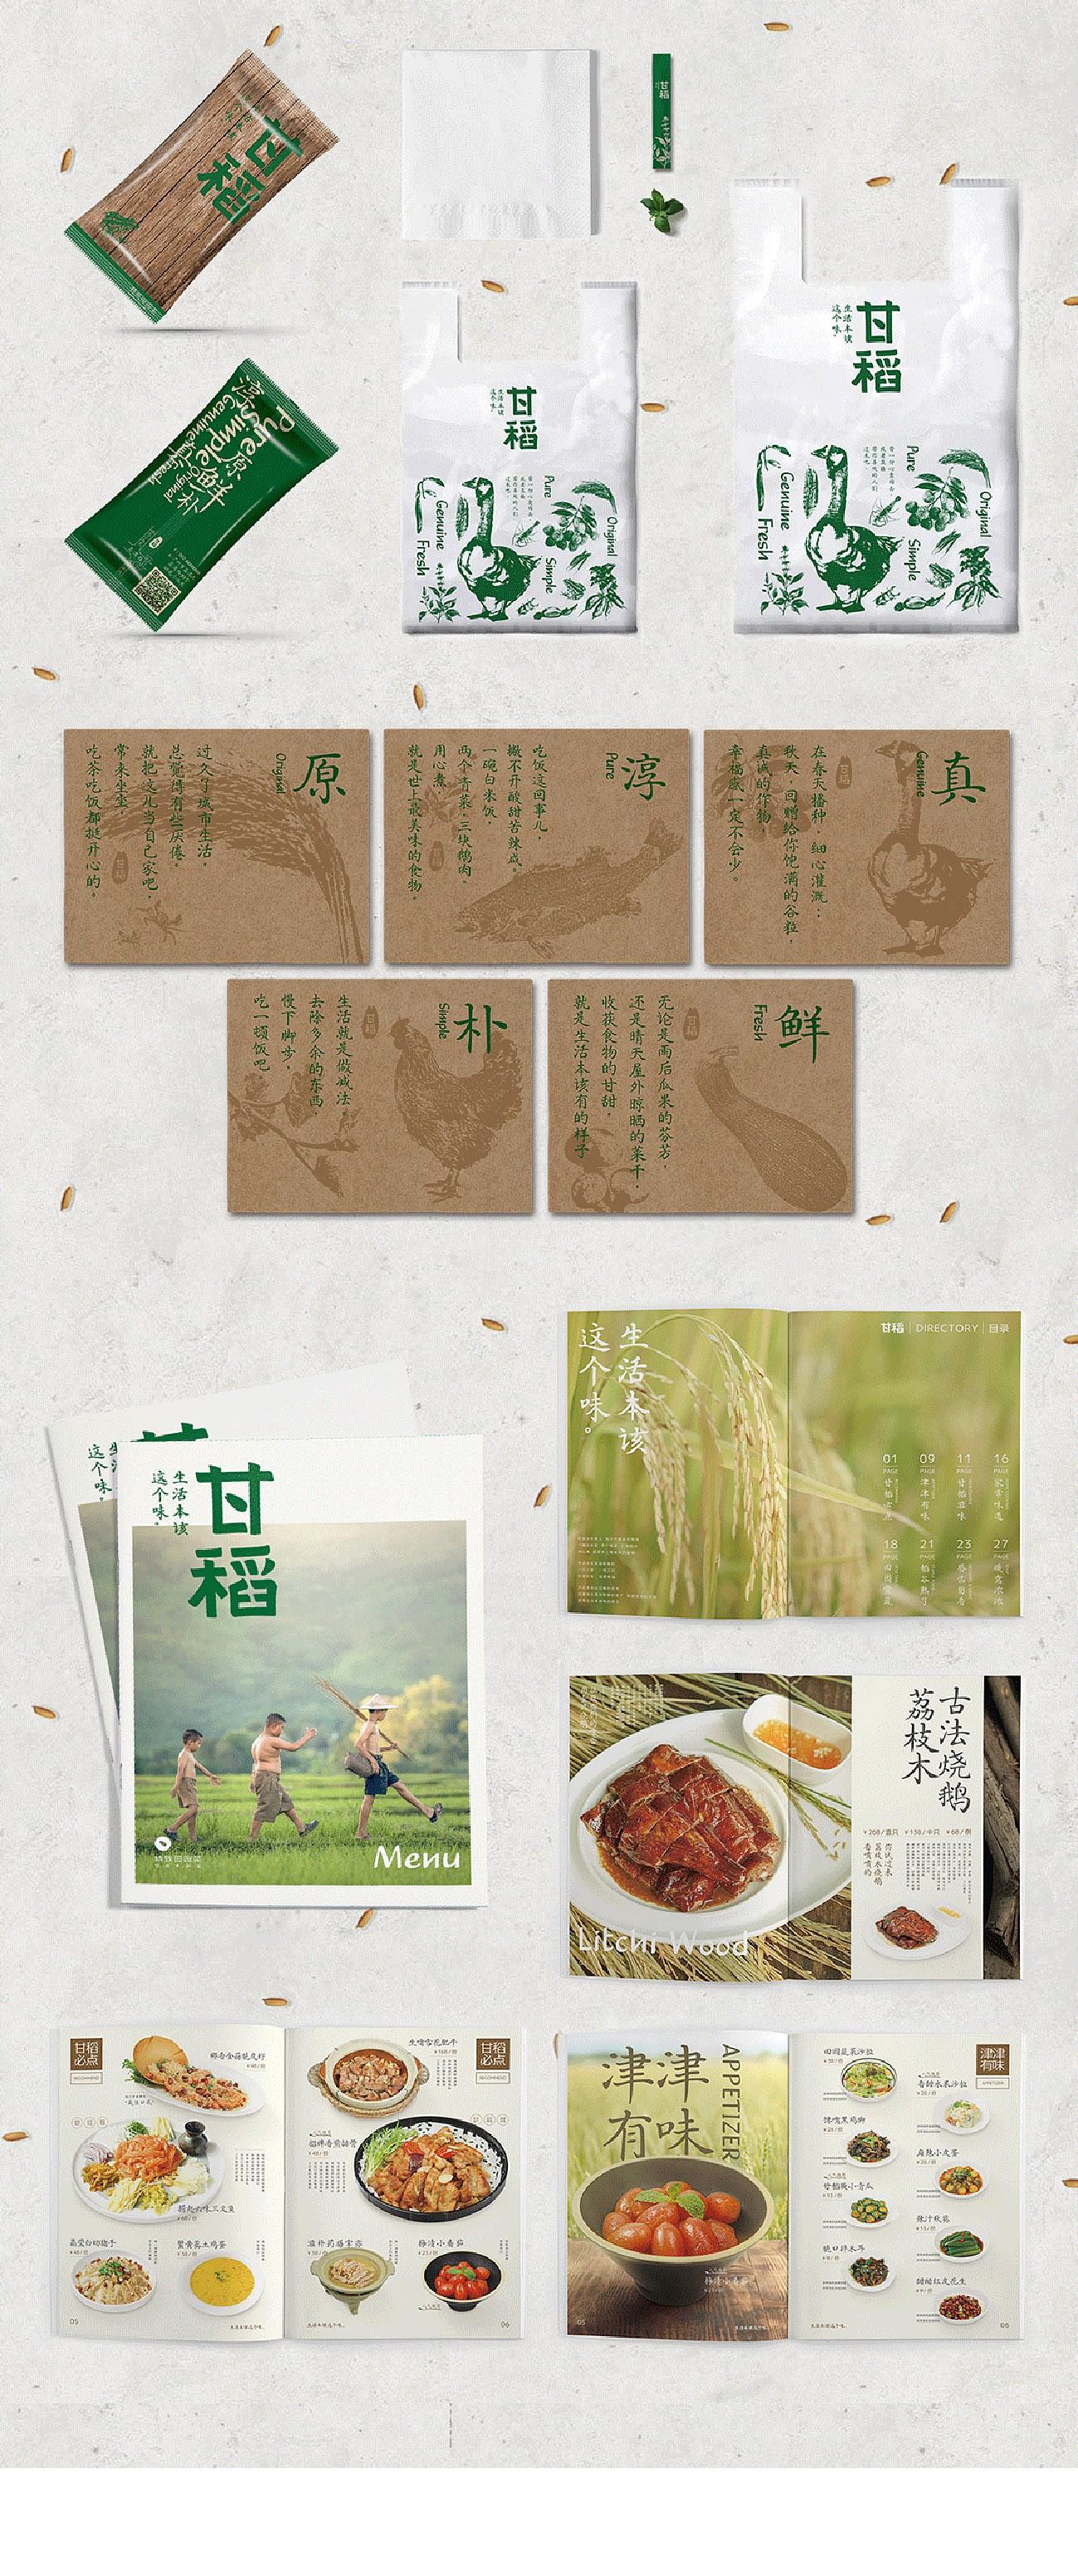 【设计切片】甘道设计案例长图_xd_180521_11.jpg